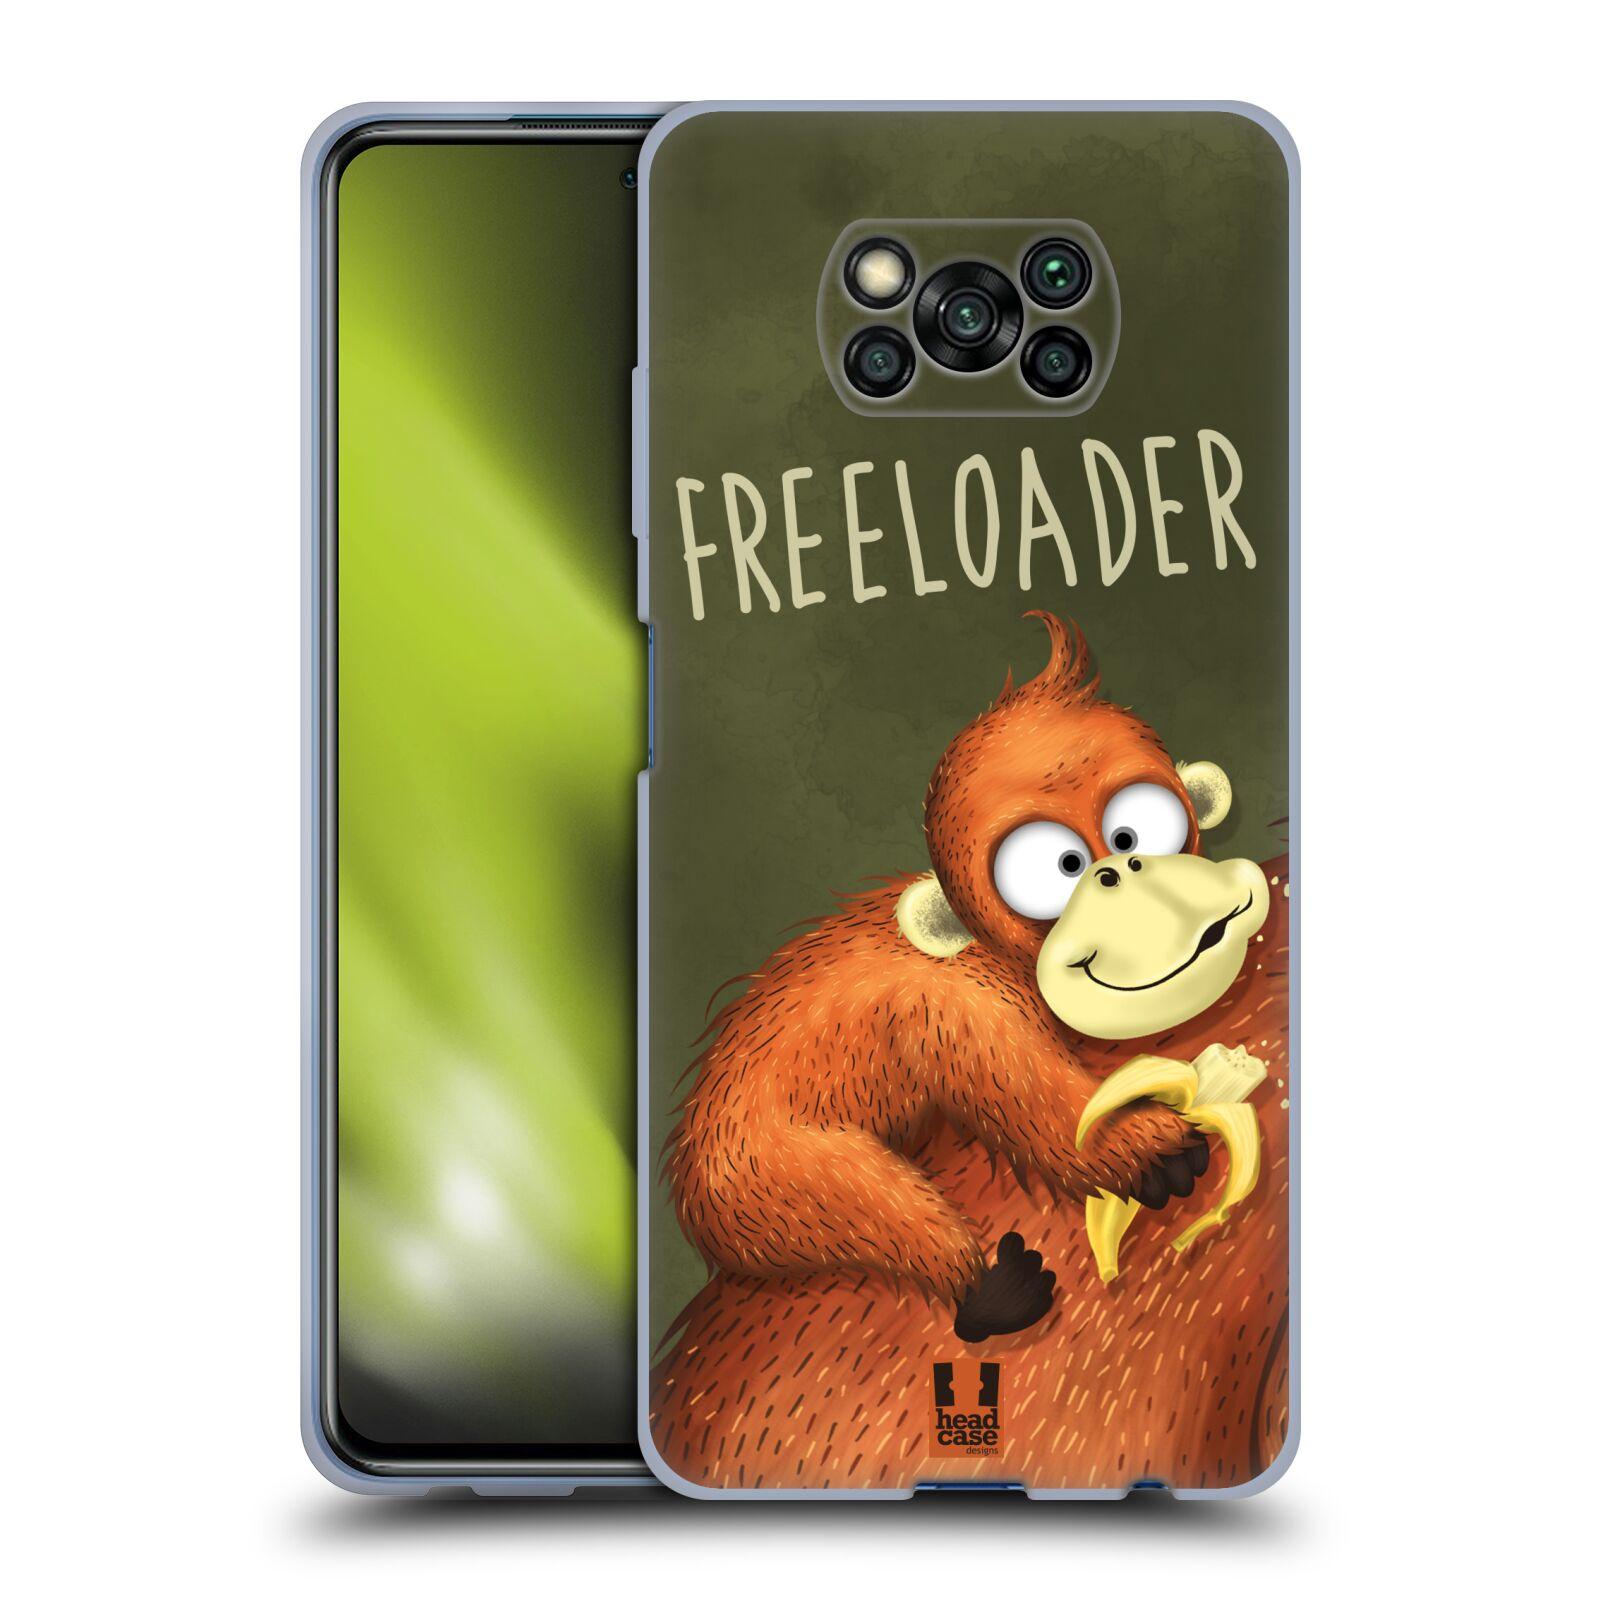 Silikonové pouzdro na mobil Xiaomi Poco X3 NFC - Head Case - Opičák Freeloader